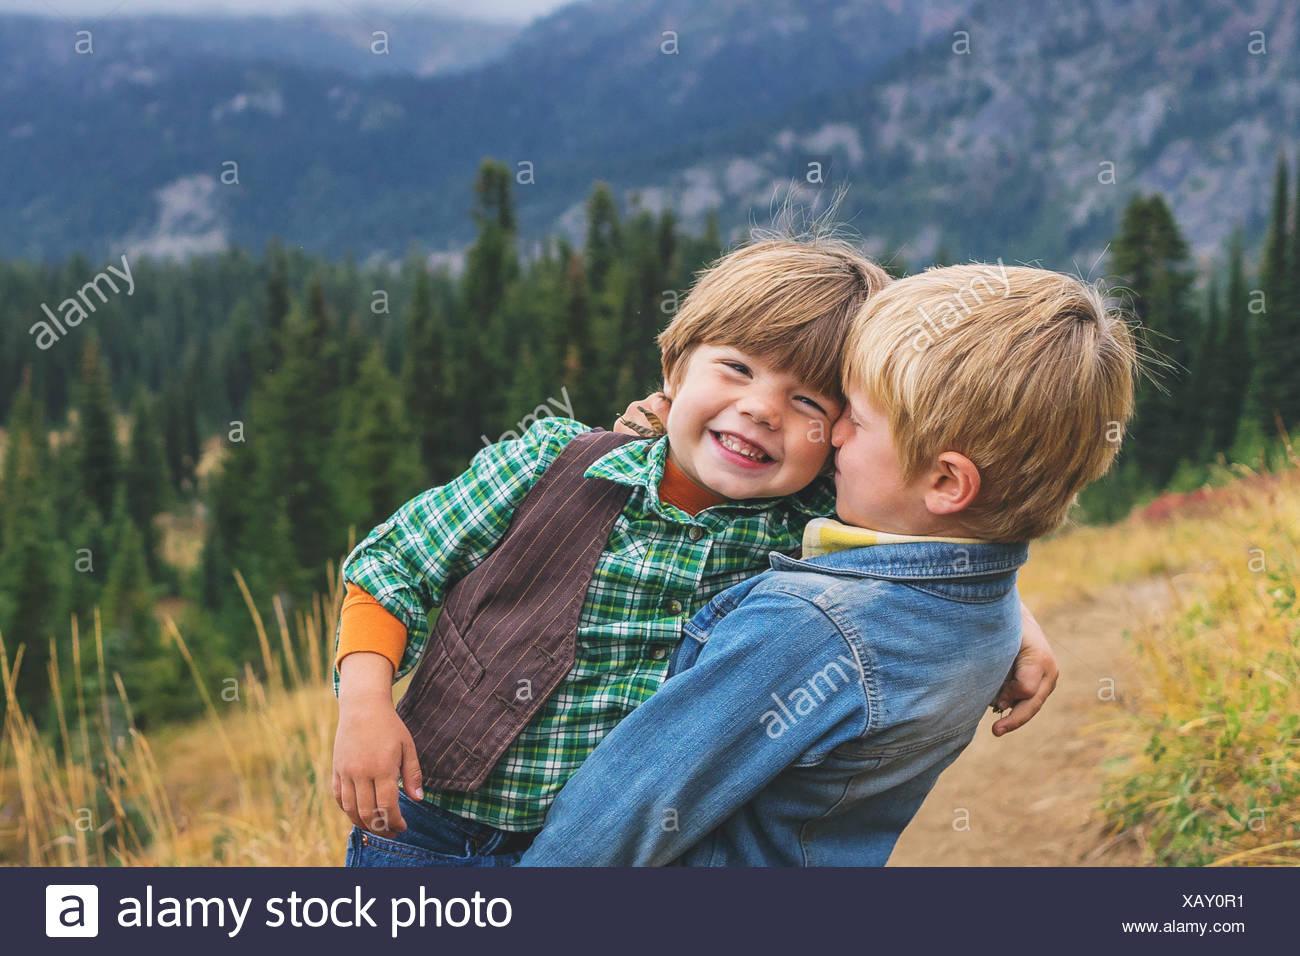 Zwei lächelnden jungen Flickschusterei Stockbild